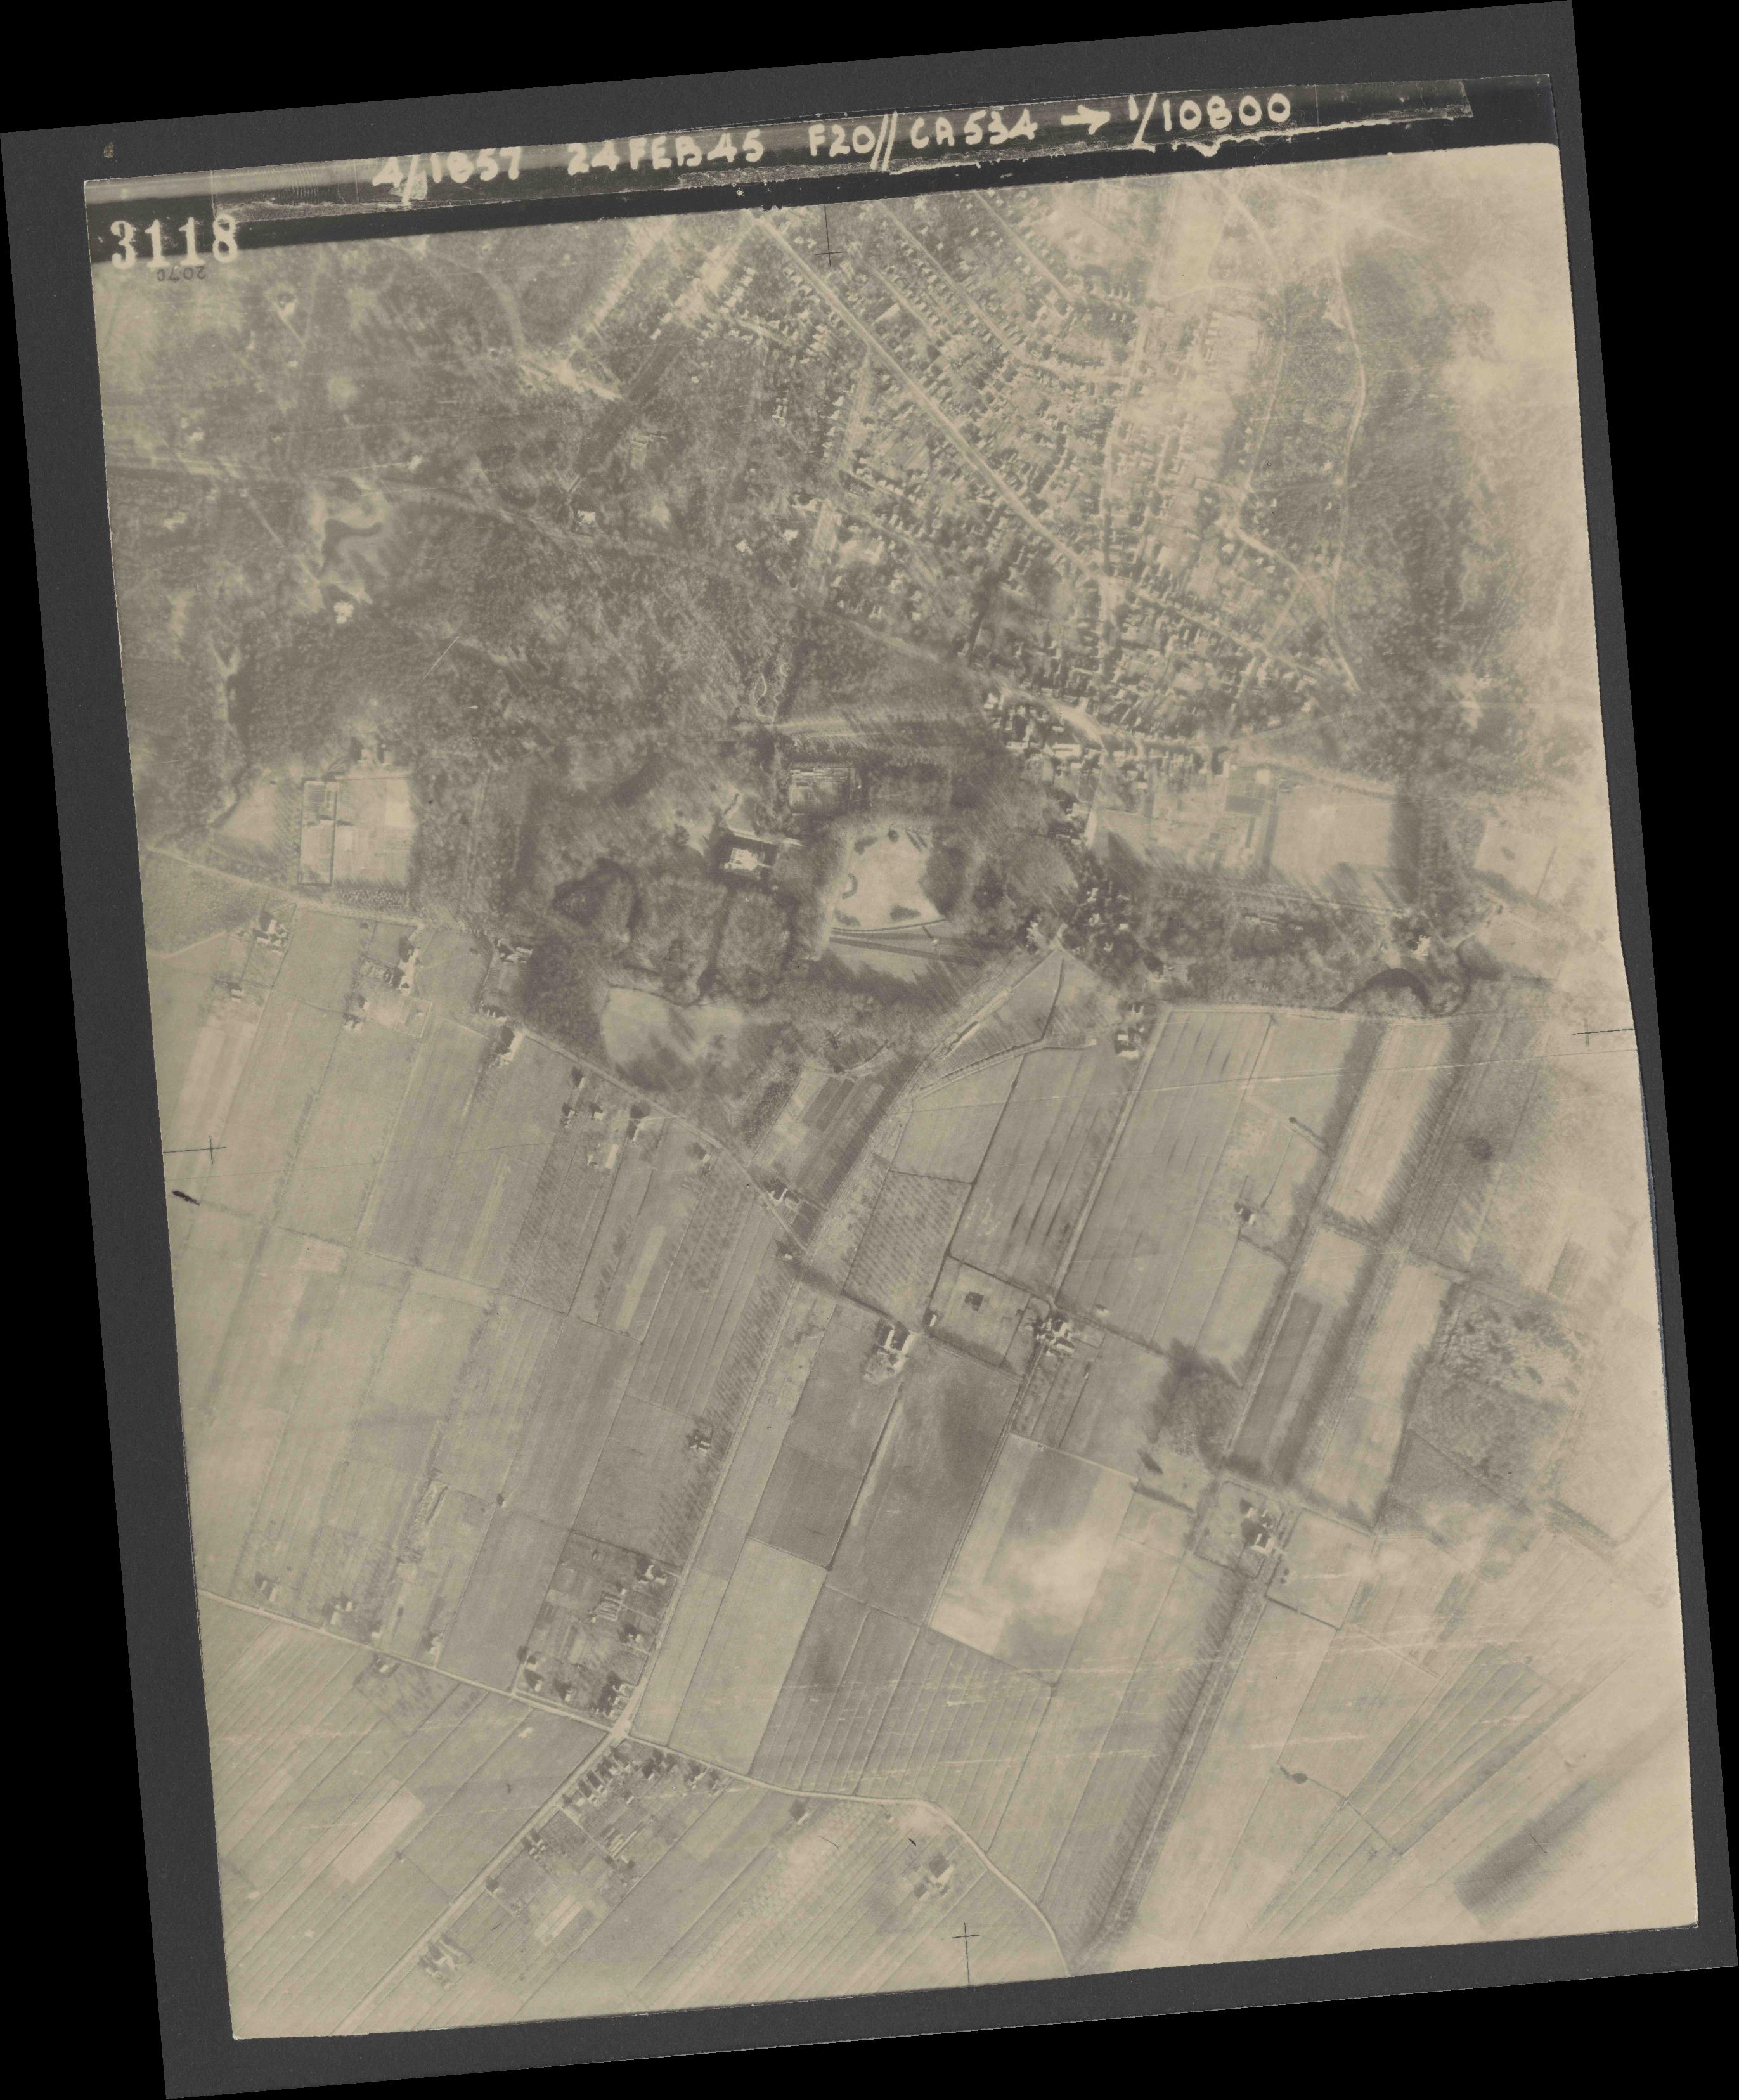 Collection RAF aerial photos 1940-1945 - flight 073, run 02, photo 3118